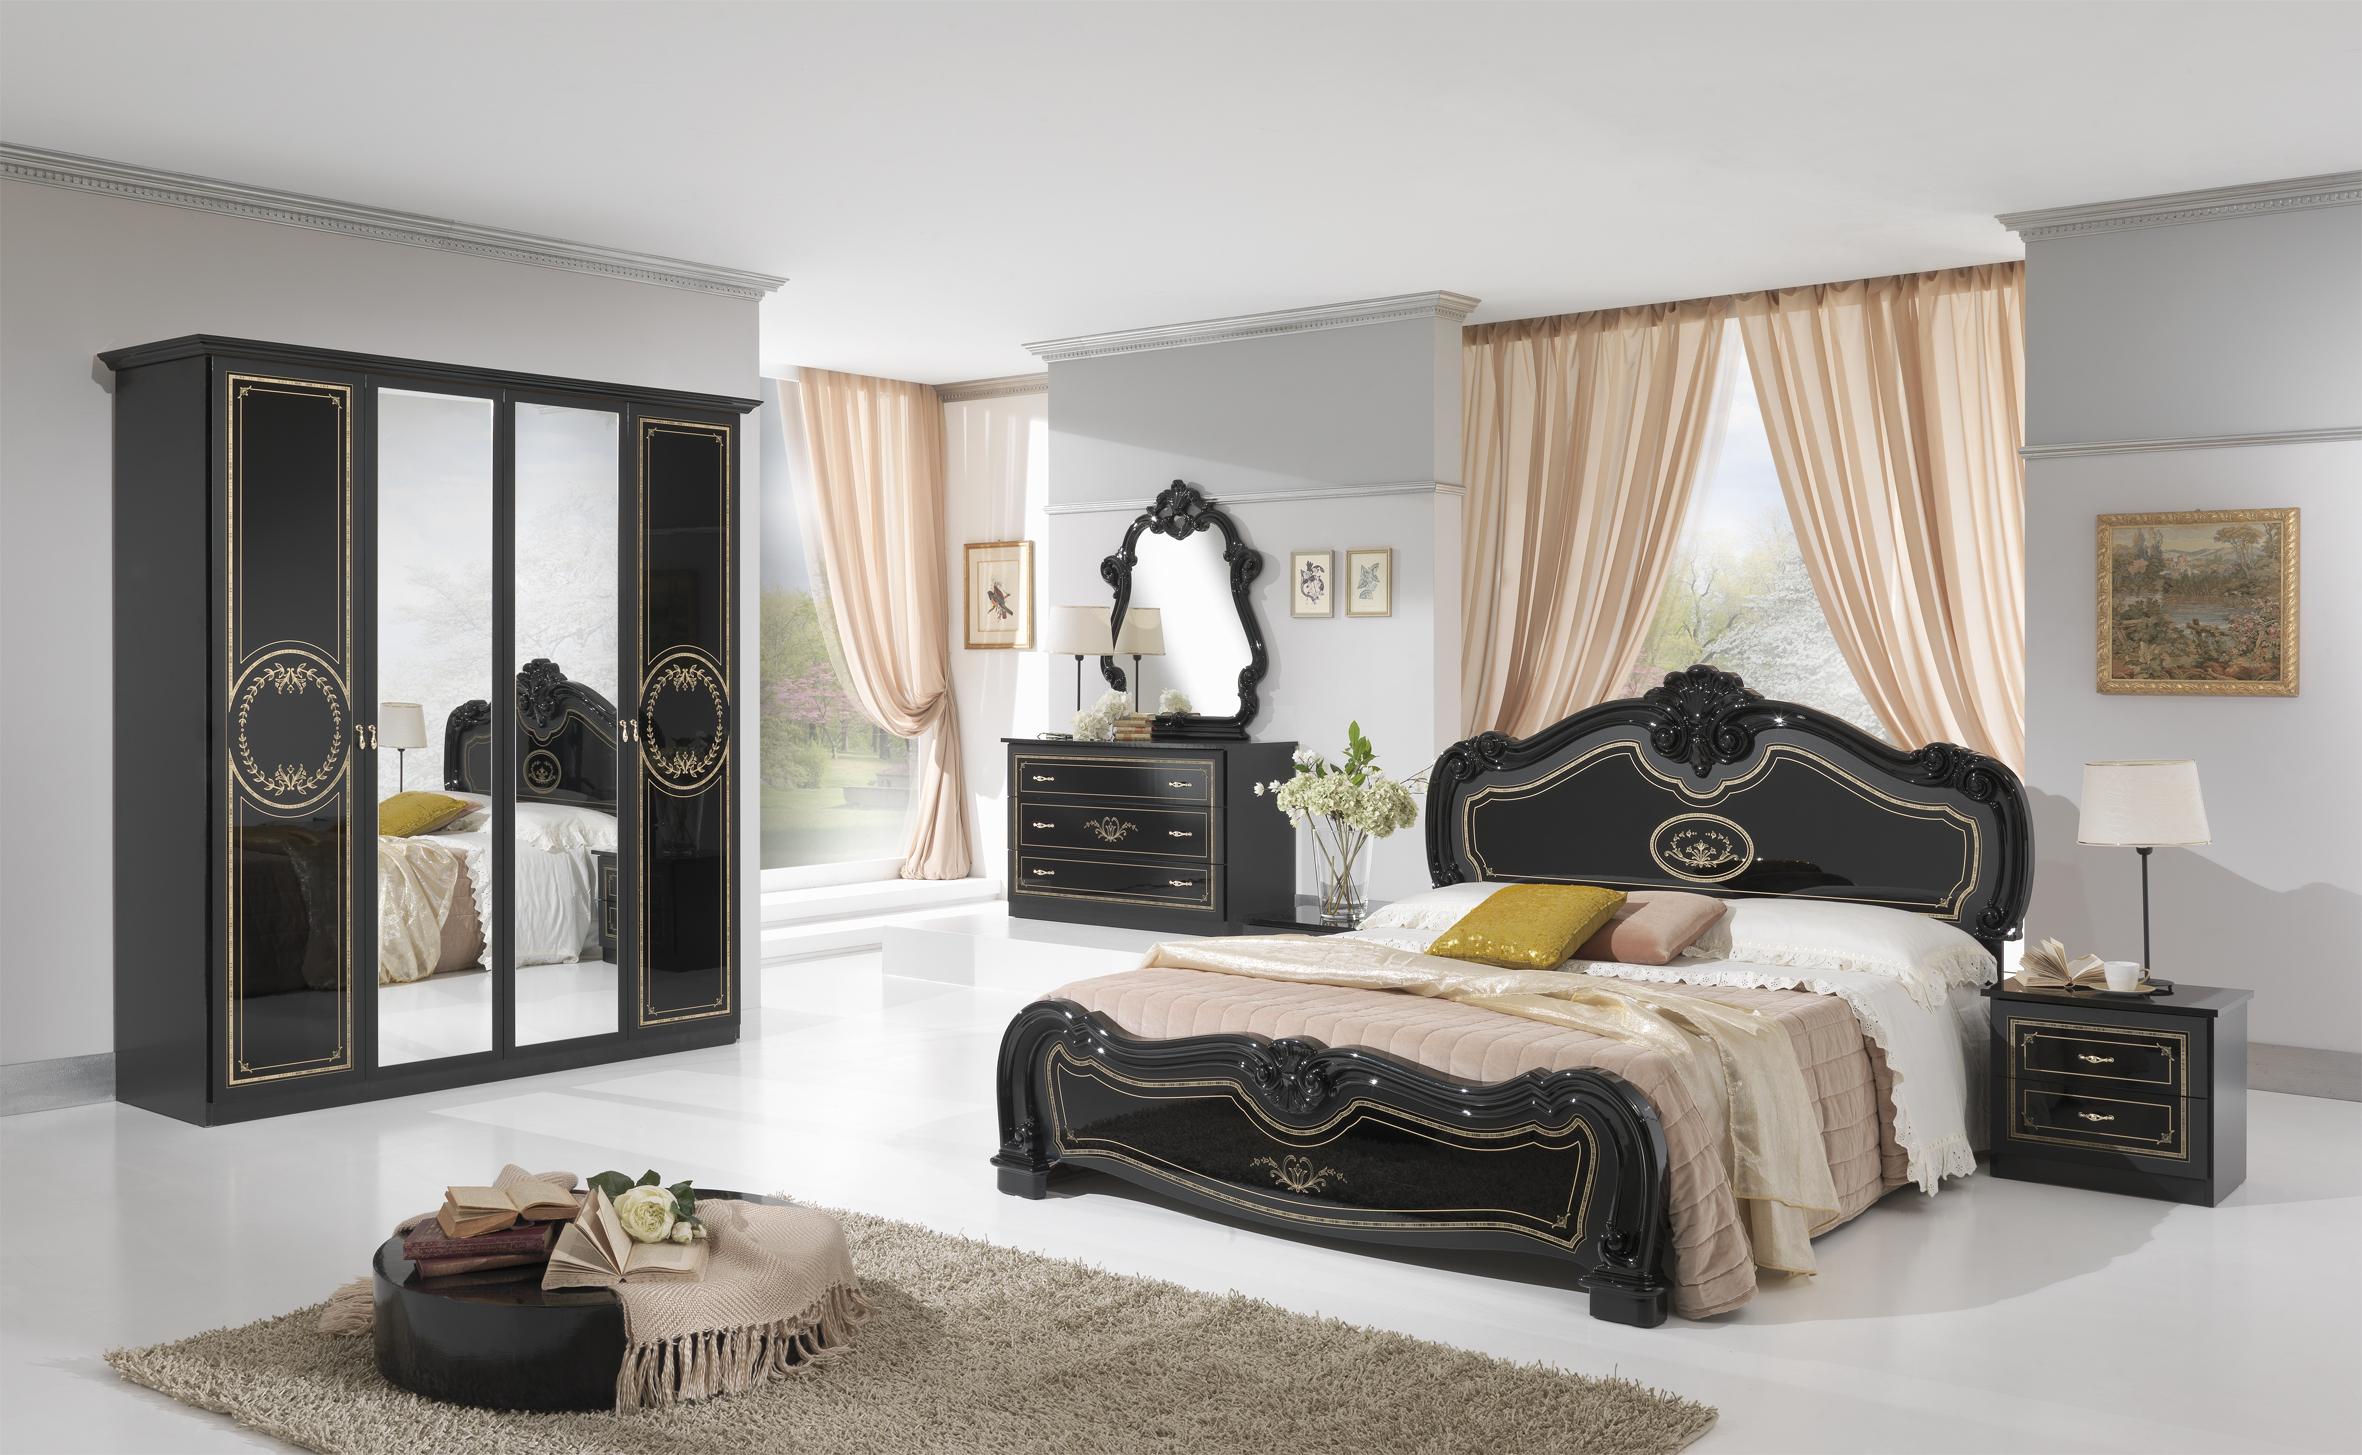 غرف نوم حديثة %D8%A7%D8%AD%D8%AF%D8%AB-%D8%BA%D8%B1%D9%81-%D9%86%D9%88%D9%85-2017-2